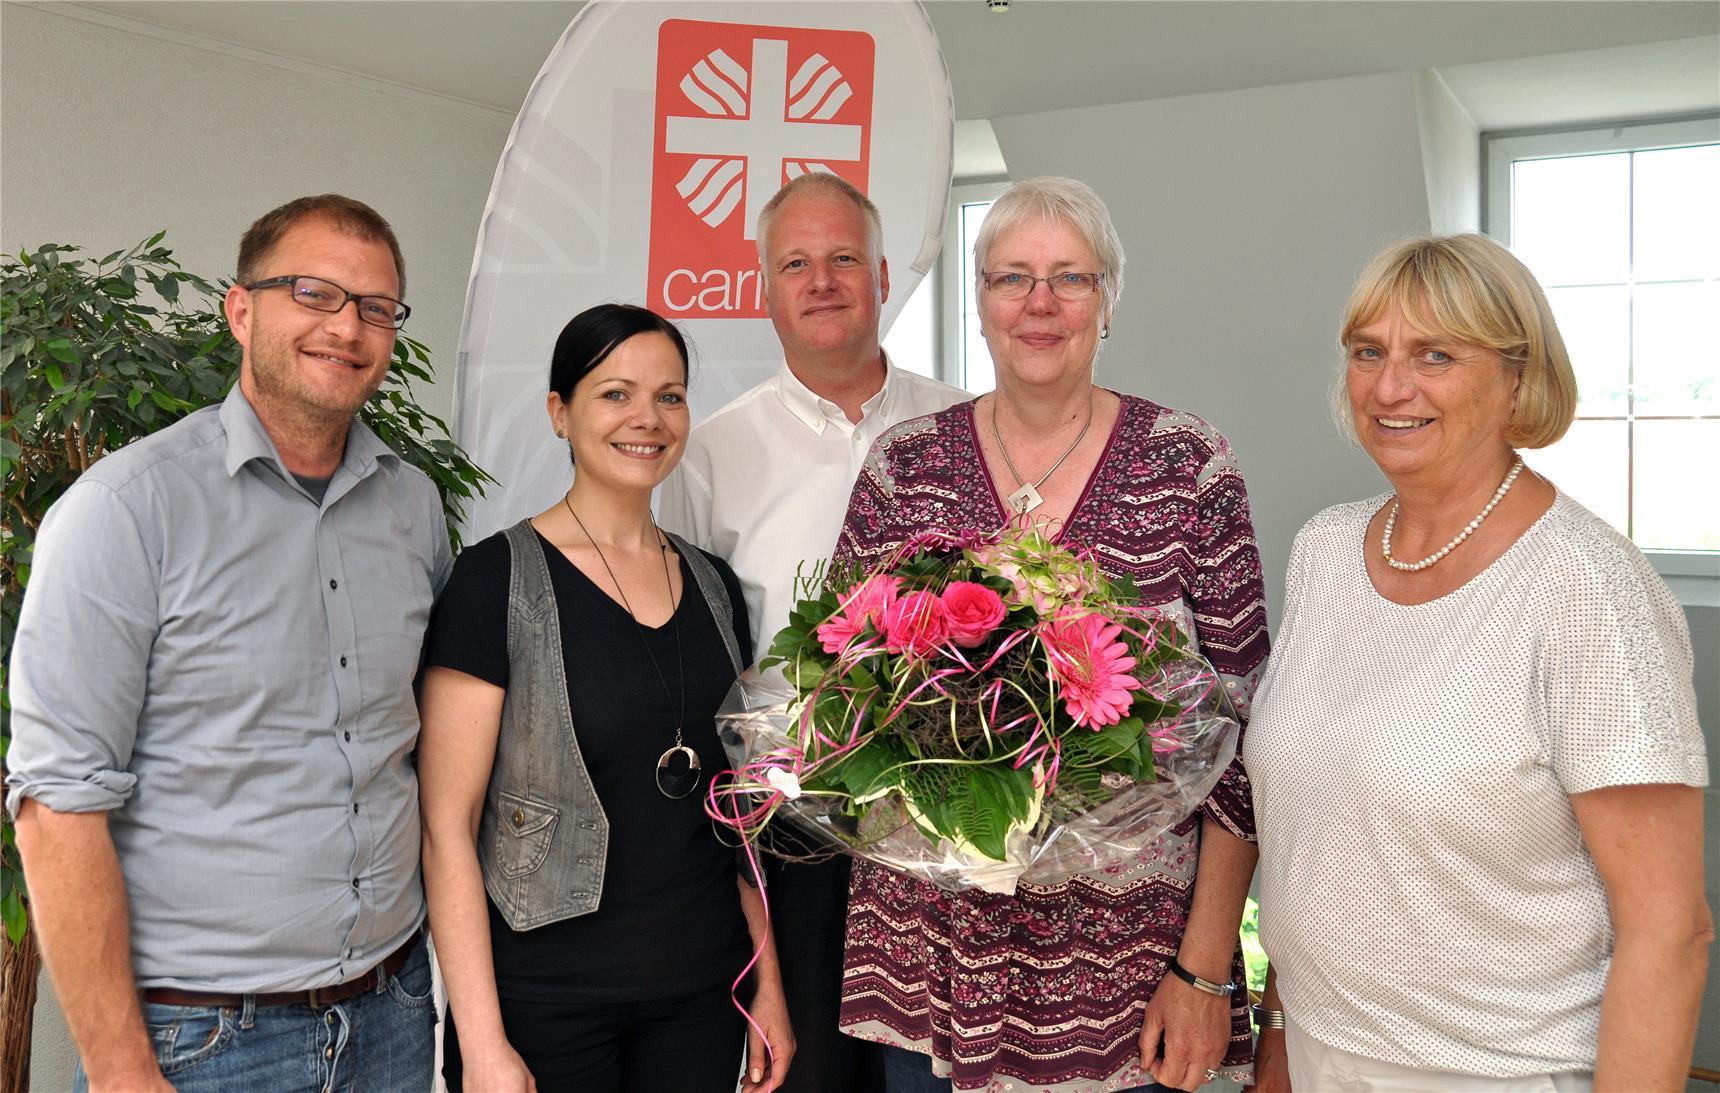 Susanne Kemper (2. v. l.) ist Nachfolgerin von Gabriele Limbach, die mit einem Blumenstrauß aus ihrem Dienst in der Stabsstelle Gemeindecaritas des Caritasverbandes für die Stadt Münster ver-abschiedet wurde. Caritas-Vorstand Thomas Schlickum, stellvertretender Stadtdechant Ulrich Messing und Caritas-Vorstand Helga Fuhrmann (von links) bedankten sich bei Gabriele Limbach und wünschten ihrer Nachfolgerin alles Gute für die künftige Arbeit.